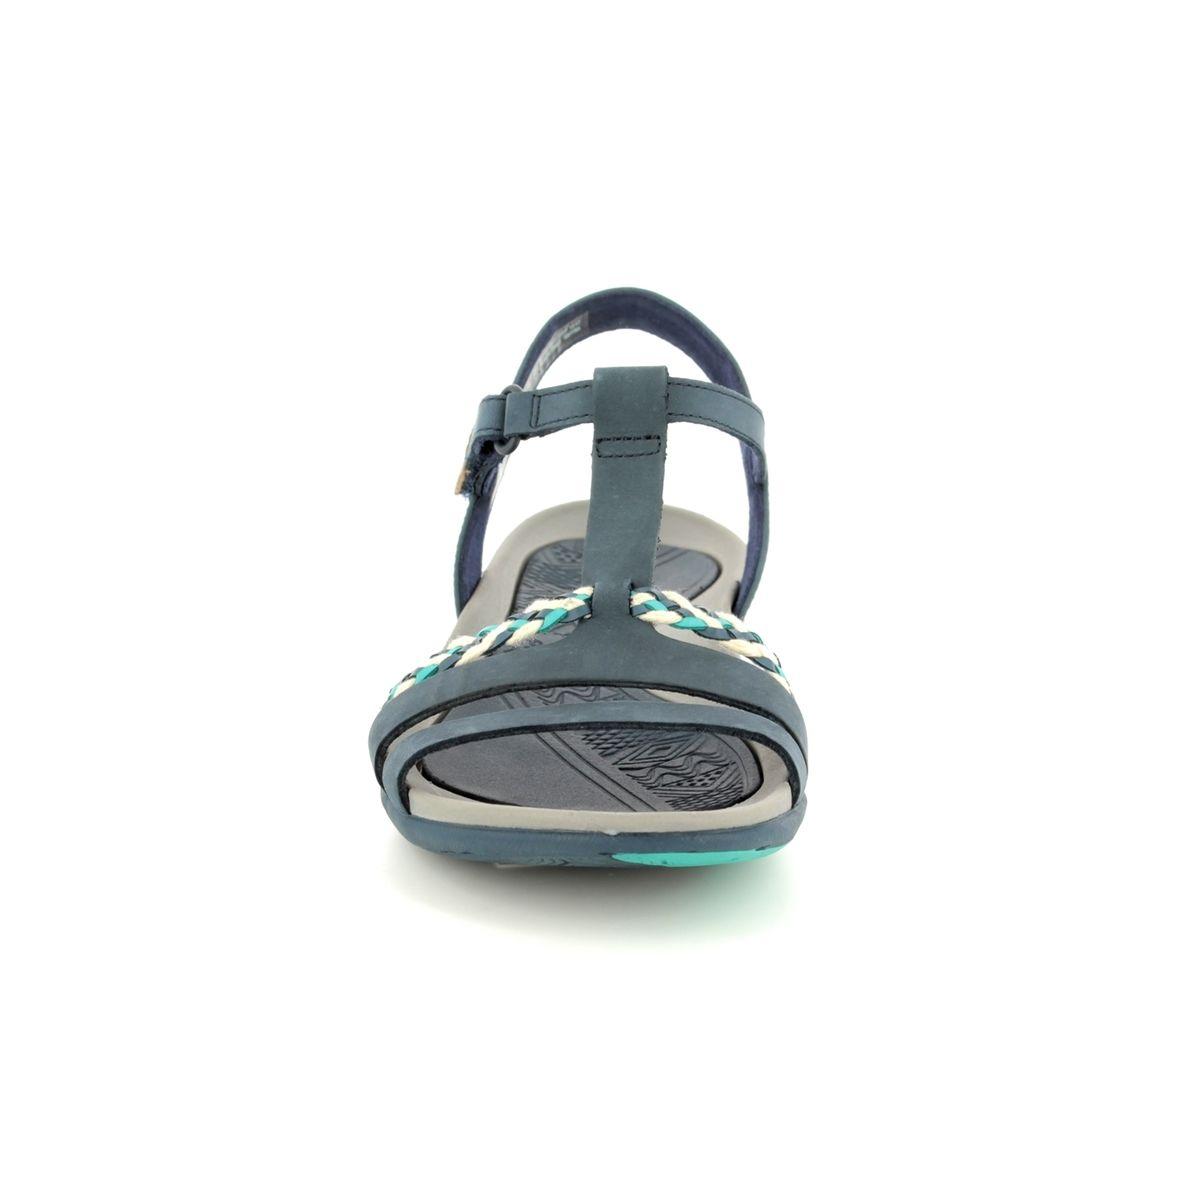 4e745cc6a6e2 Clarks Sandals - Navy - 2389 44D TEALITE GRACE